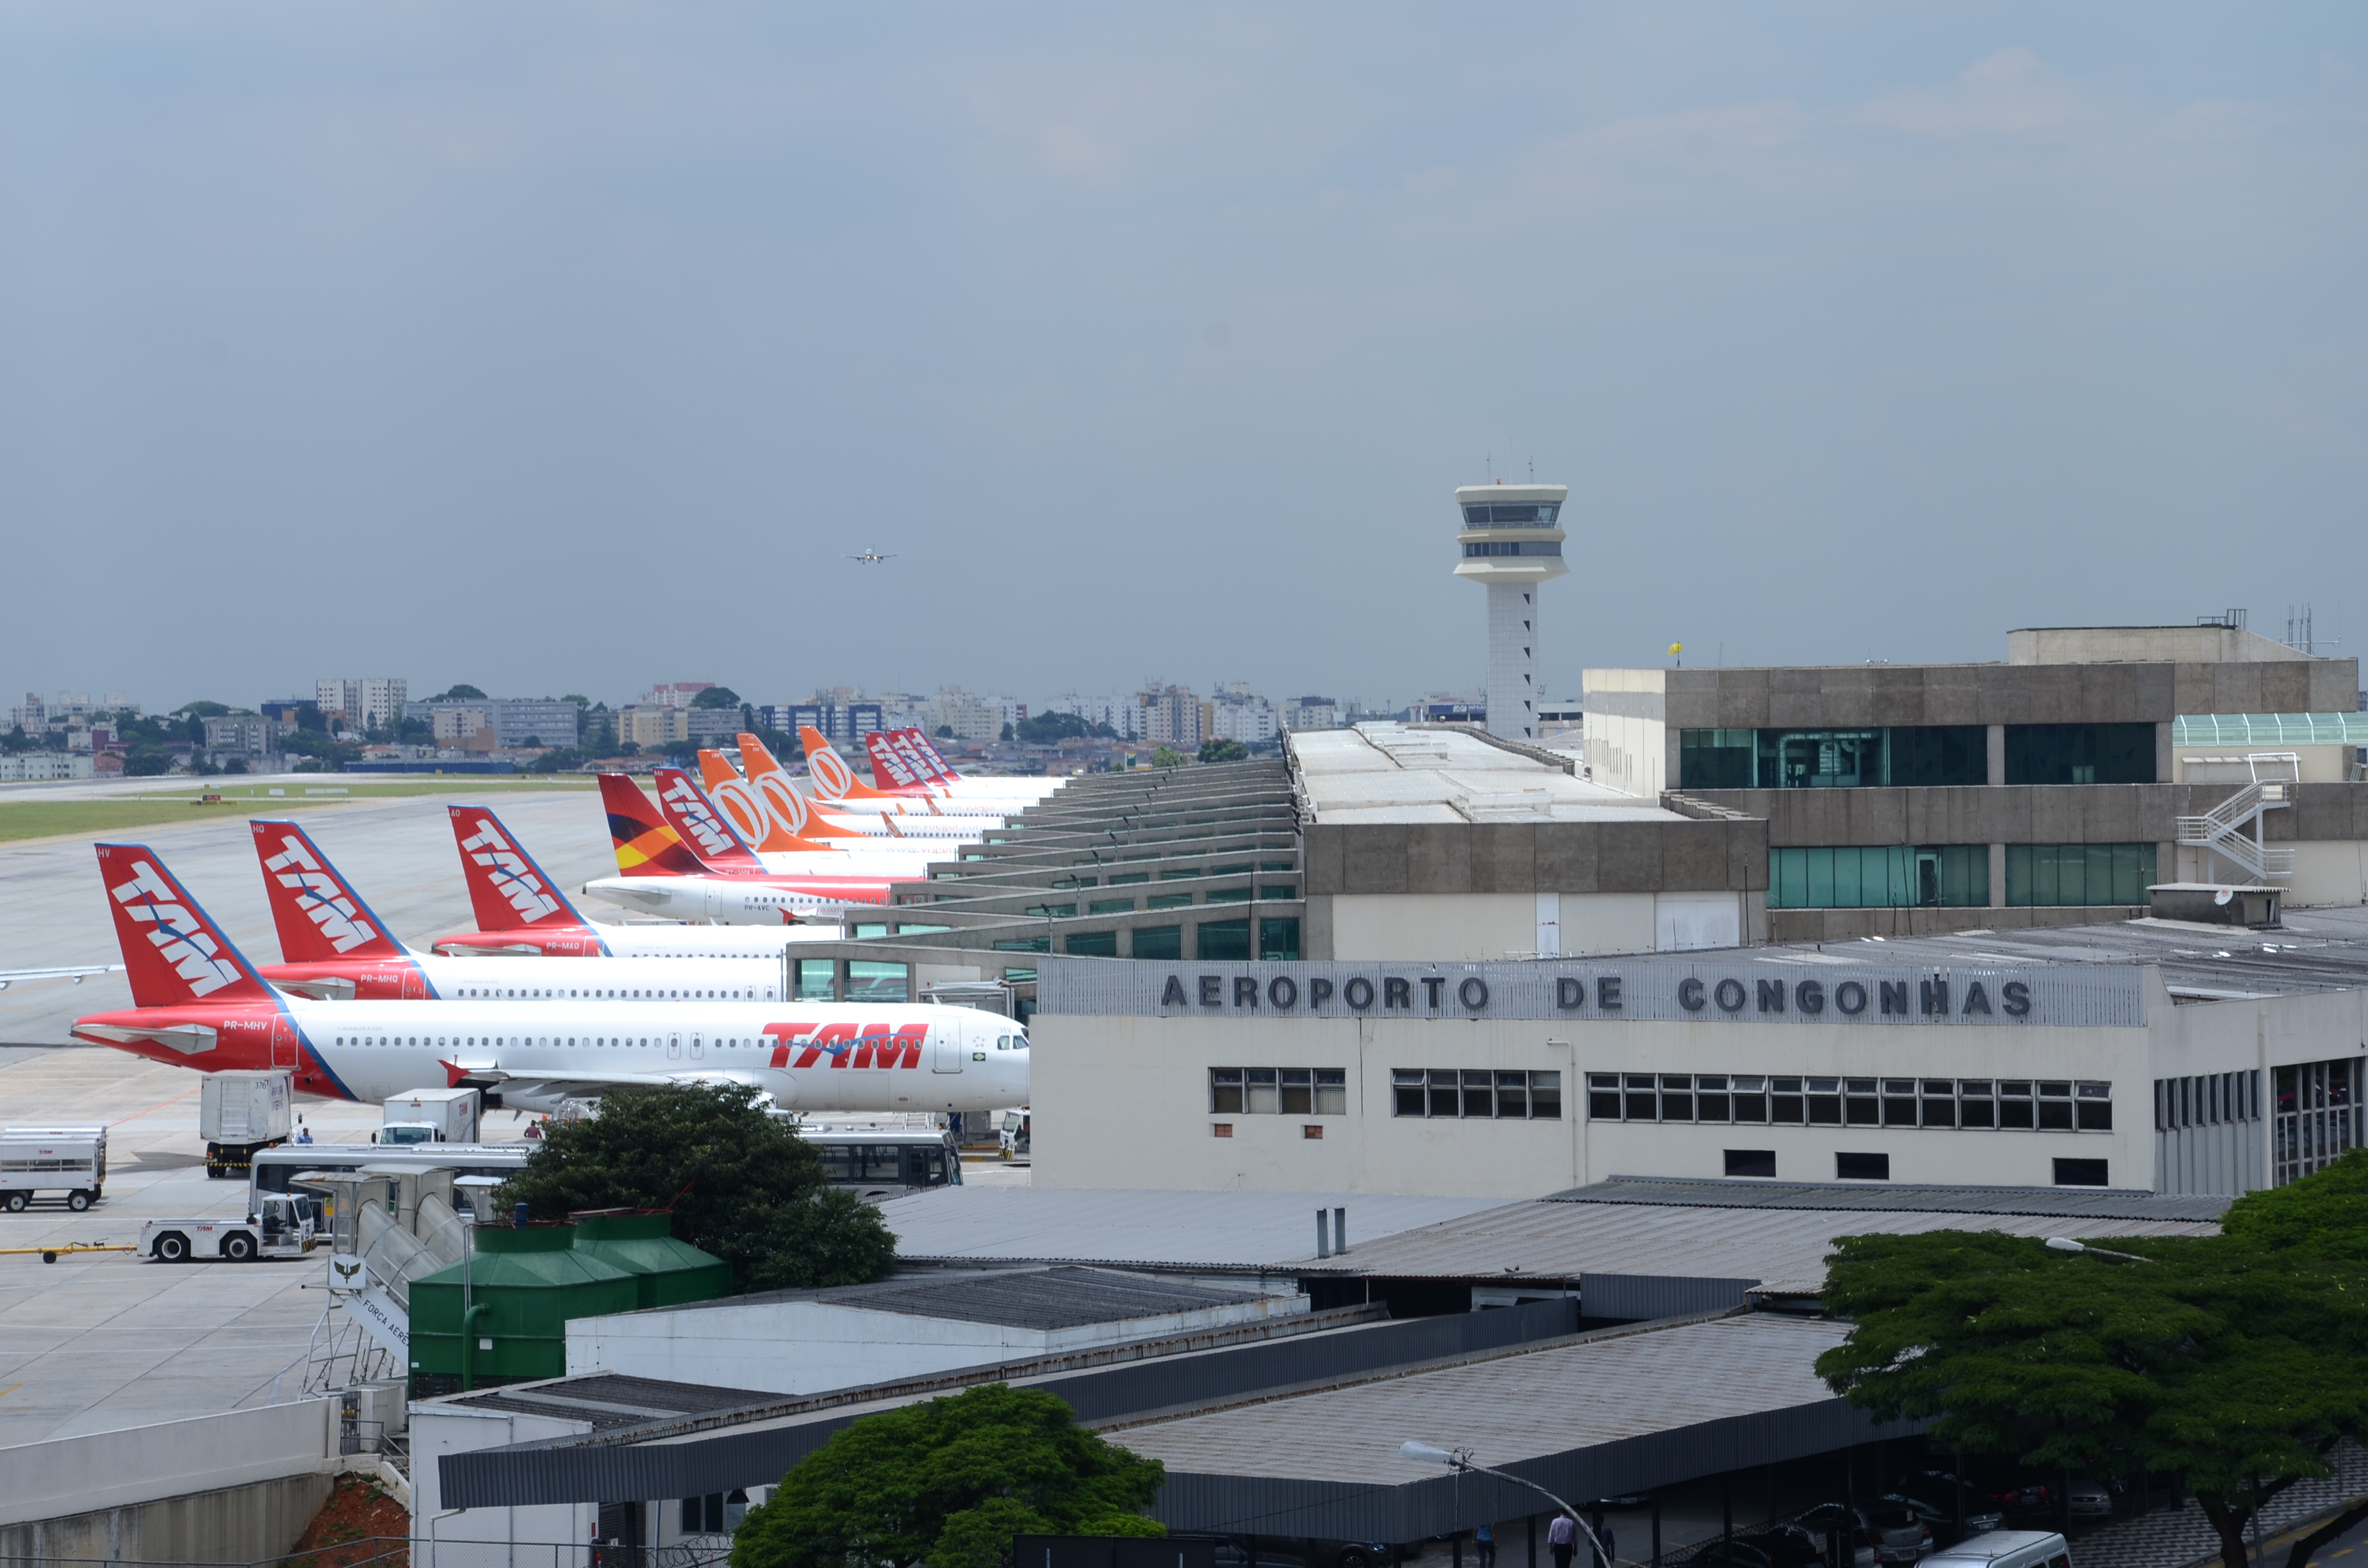 Aeroporto Sp : Congonhas comemora 80 anos veja 10 curiosidades e fotos antigas